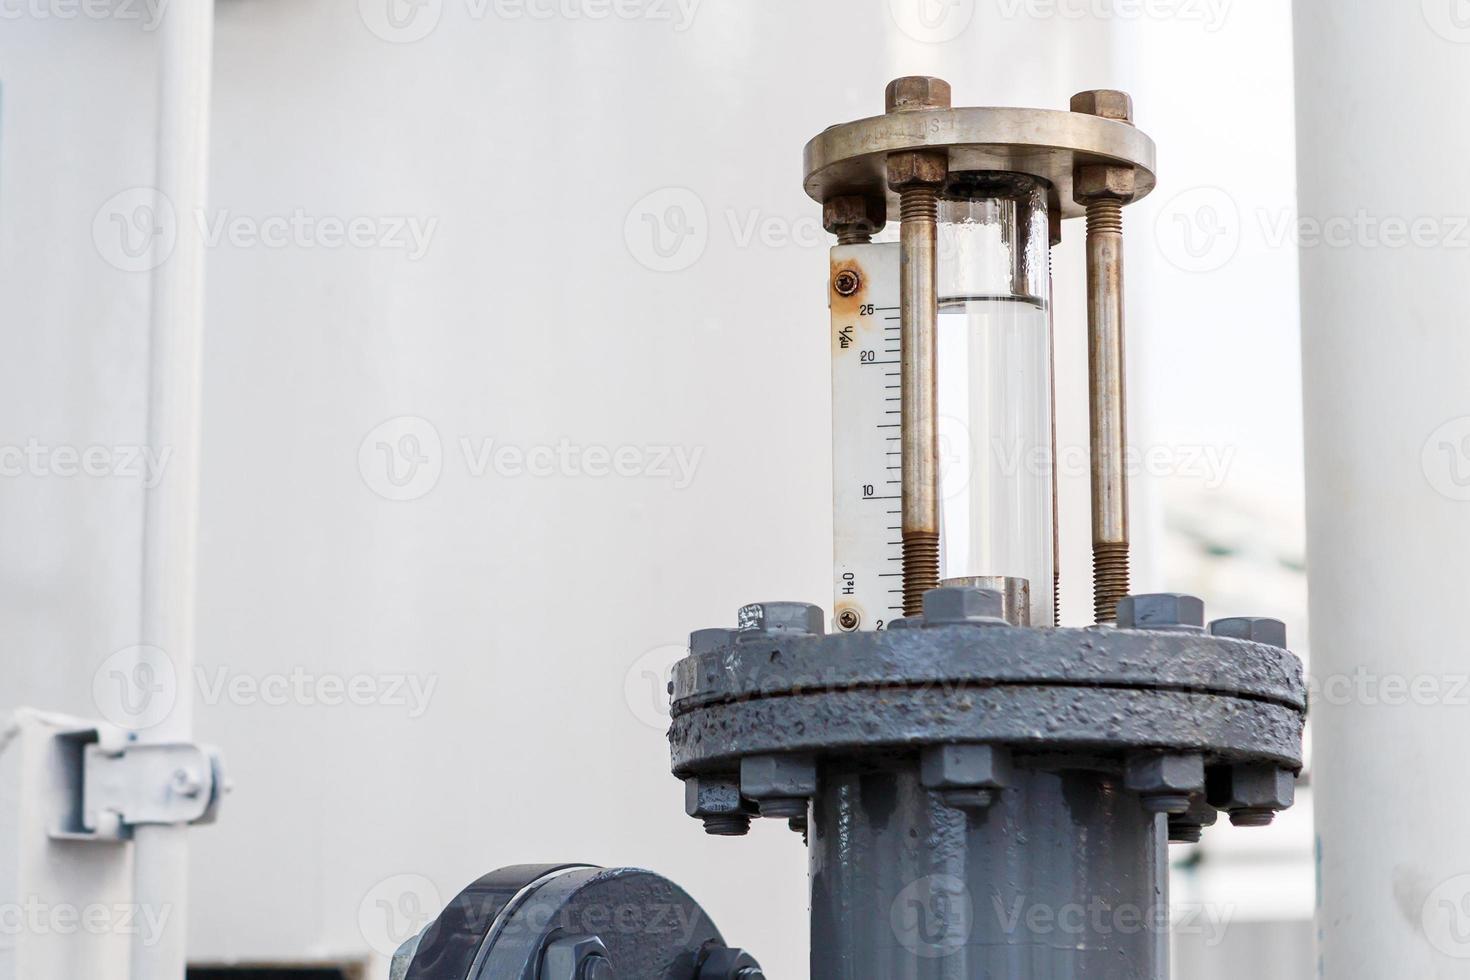 ventil för reglervatten i fabriken foto